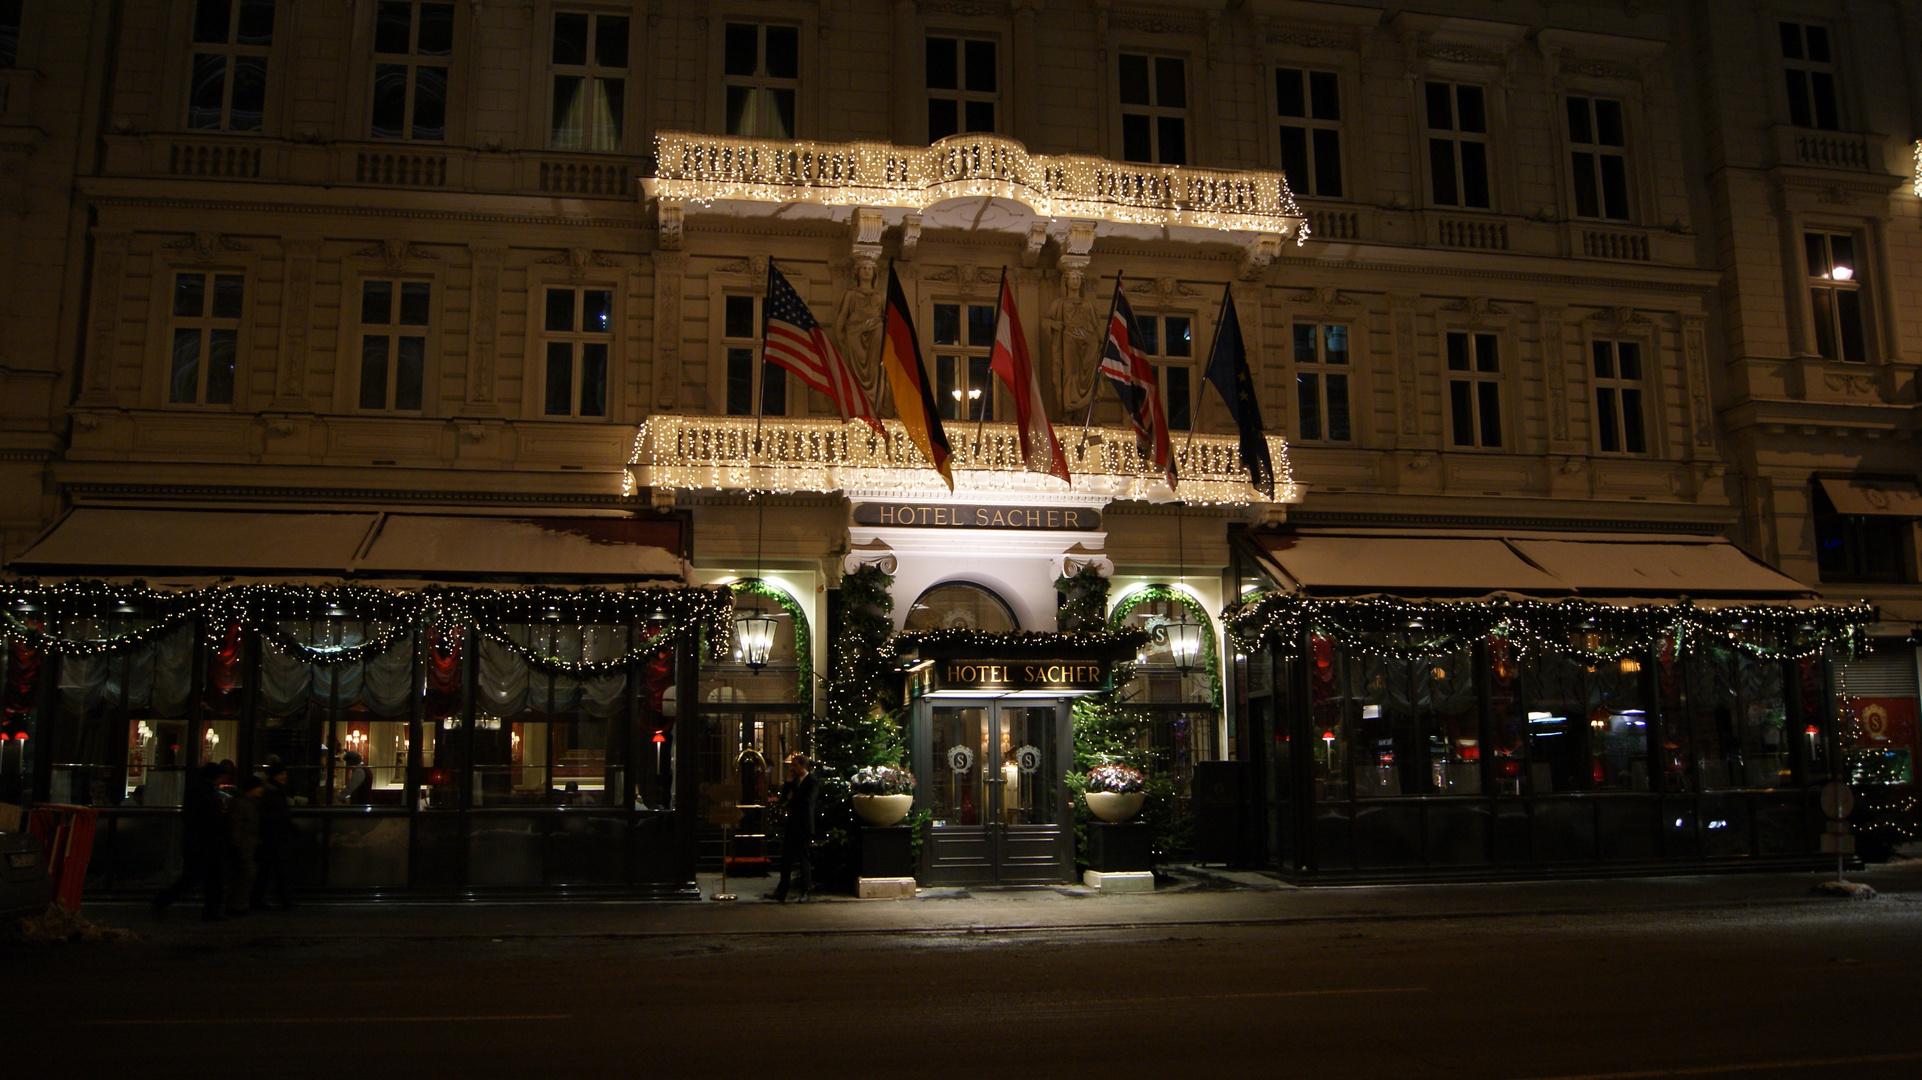 Hotel Zu Verkaufen Wien